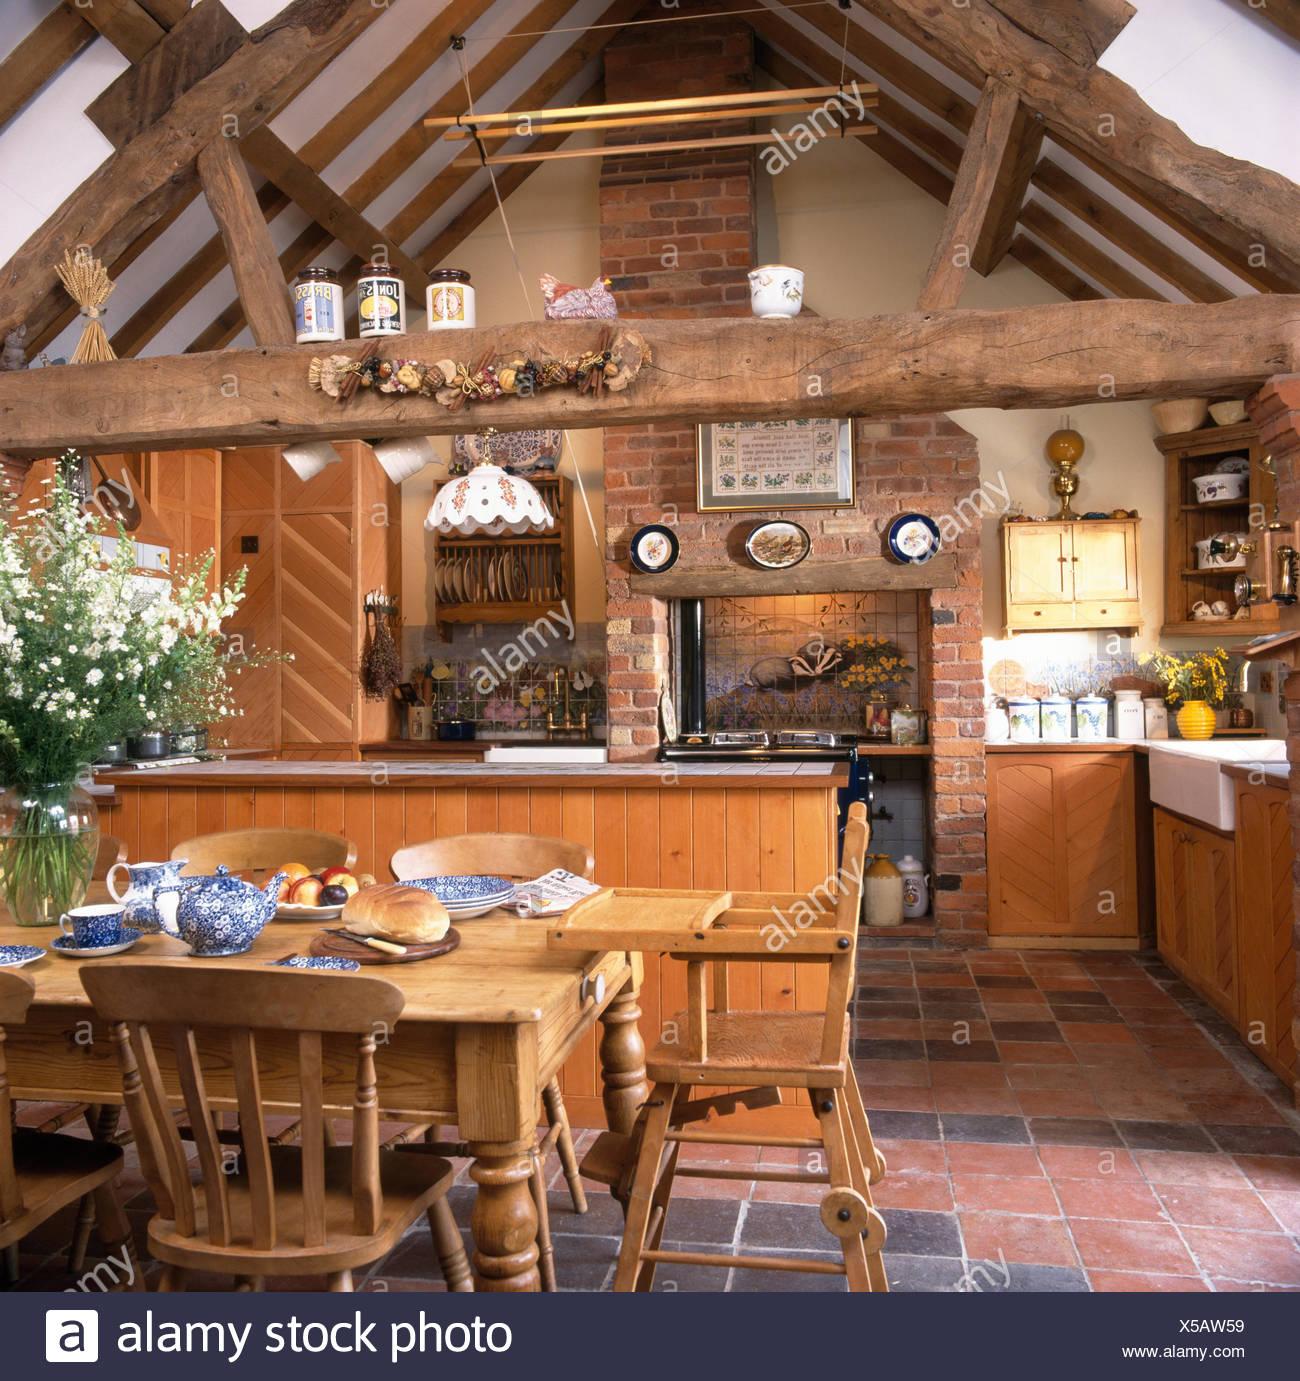 Holzstühle und Kinderhochstuhl am Kiefer Tisch im Stall Umbau Küche ...